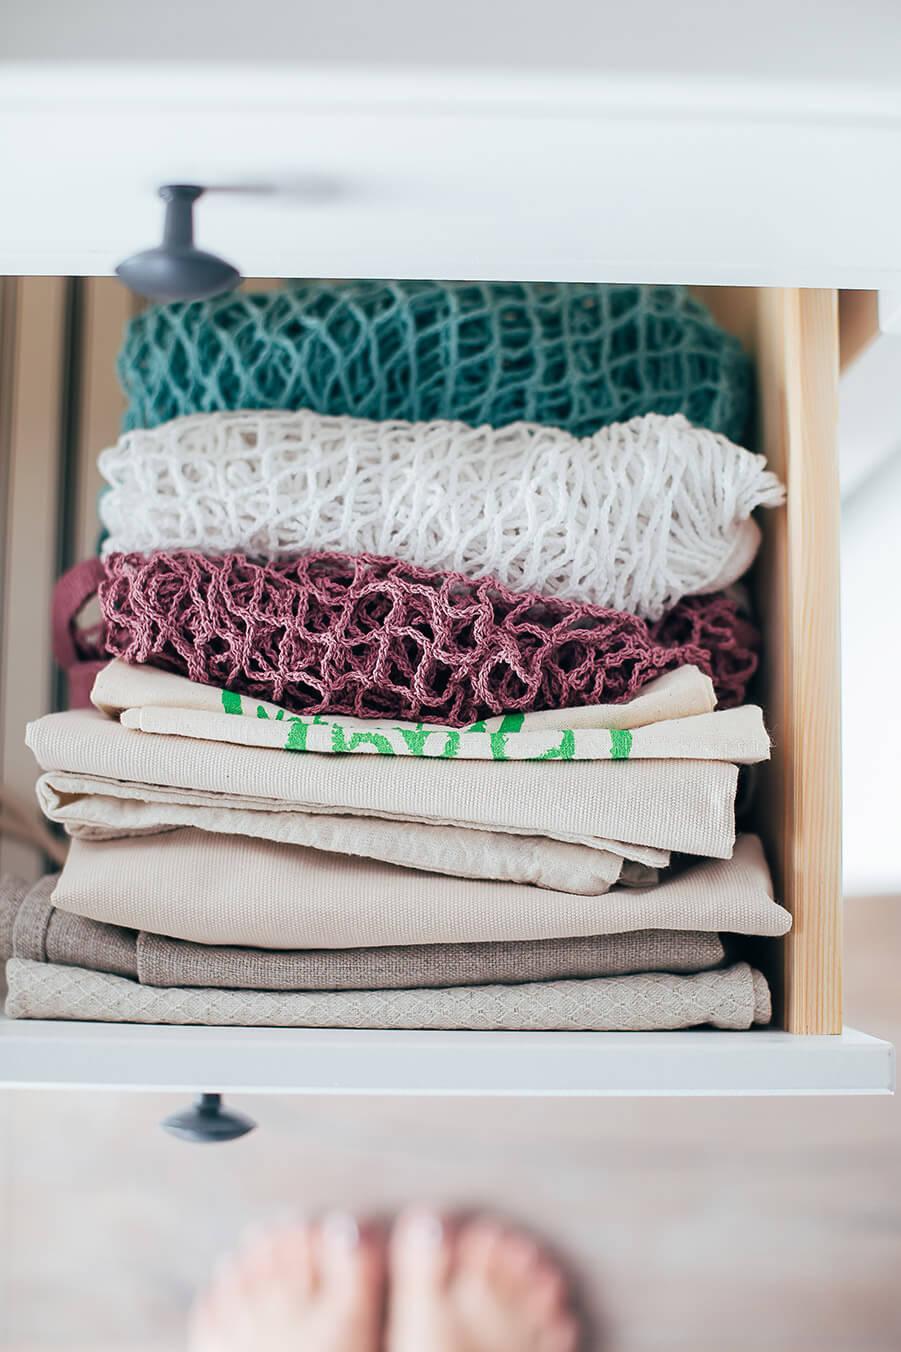 Cinco hábitos y rutinas que nos ayudan a mantener la limpieza y orden en casa